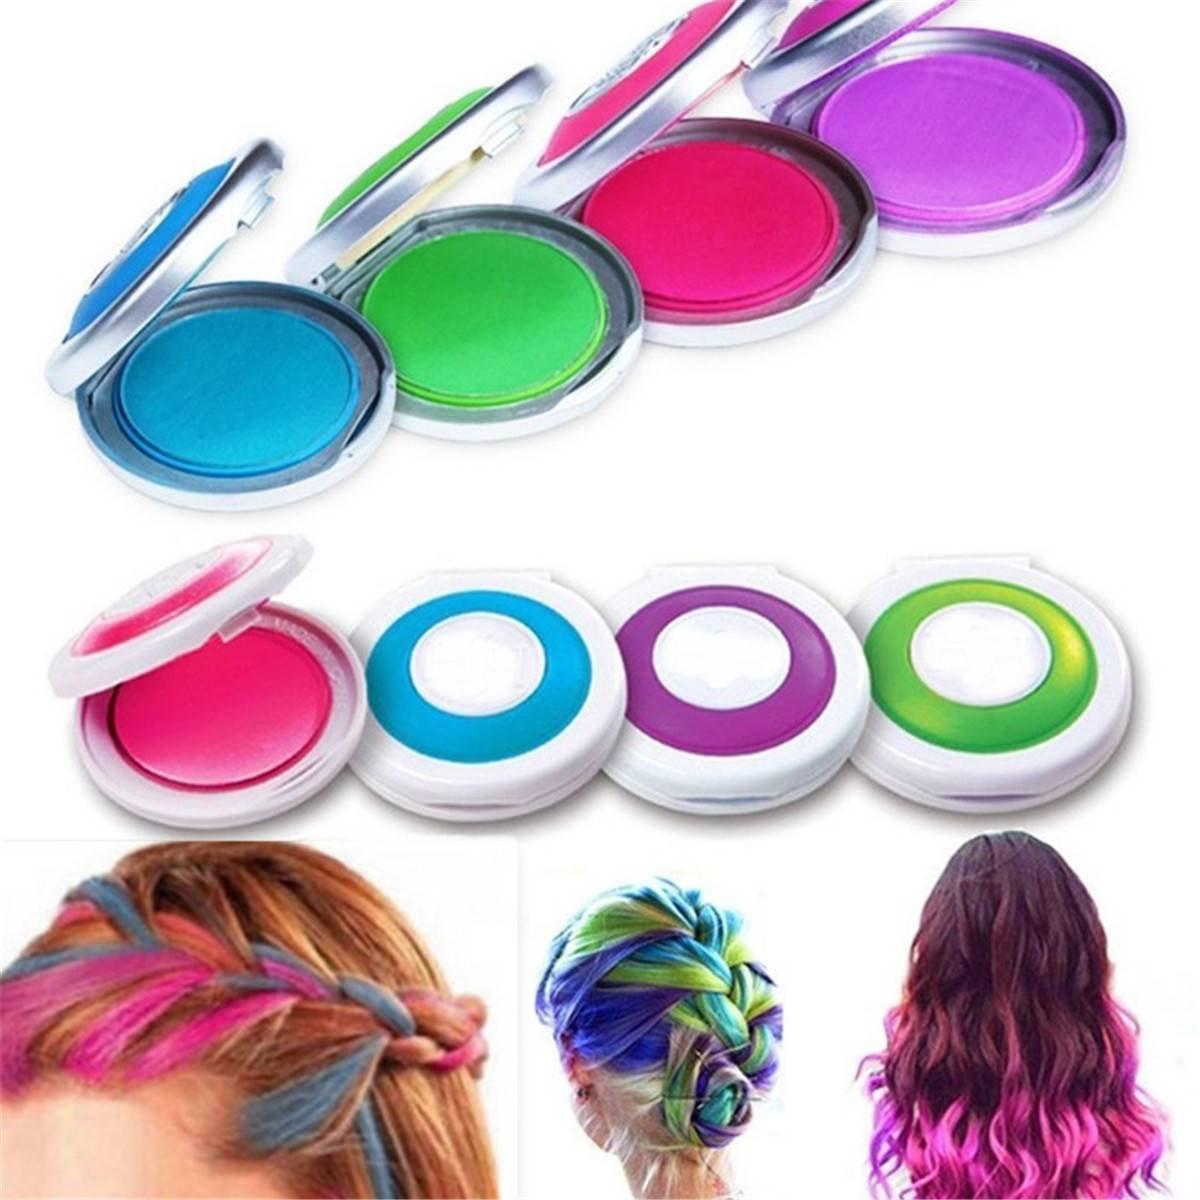 luckyfine 4 couleurs 4pcs coloration - Coloration Cheveux Semi Permanente